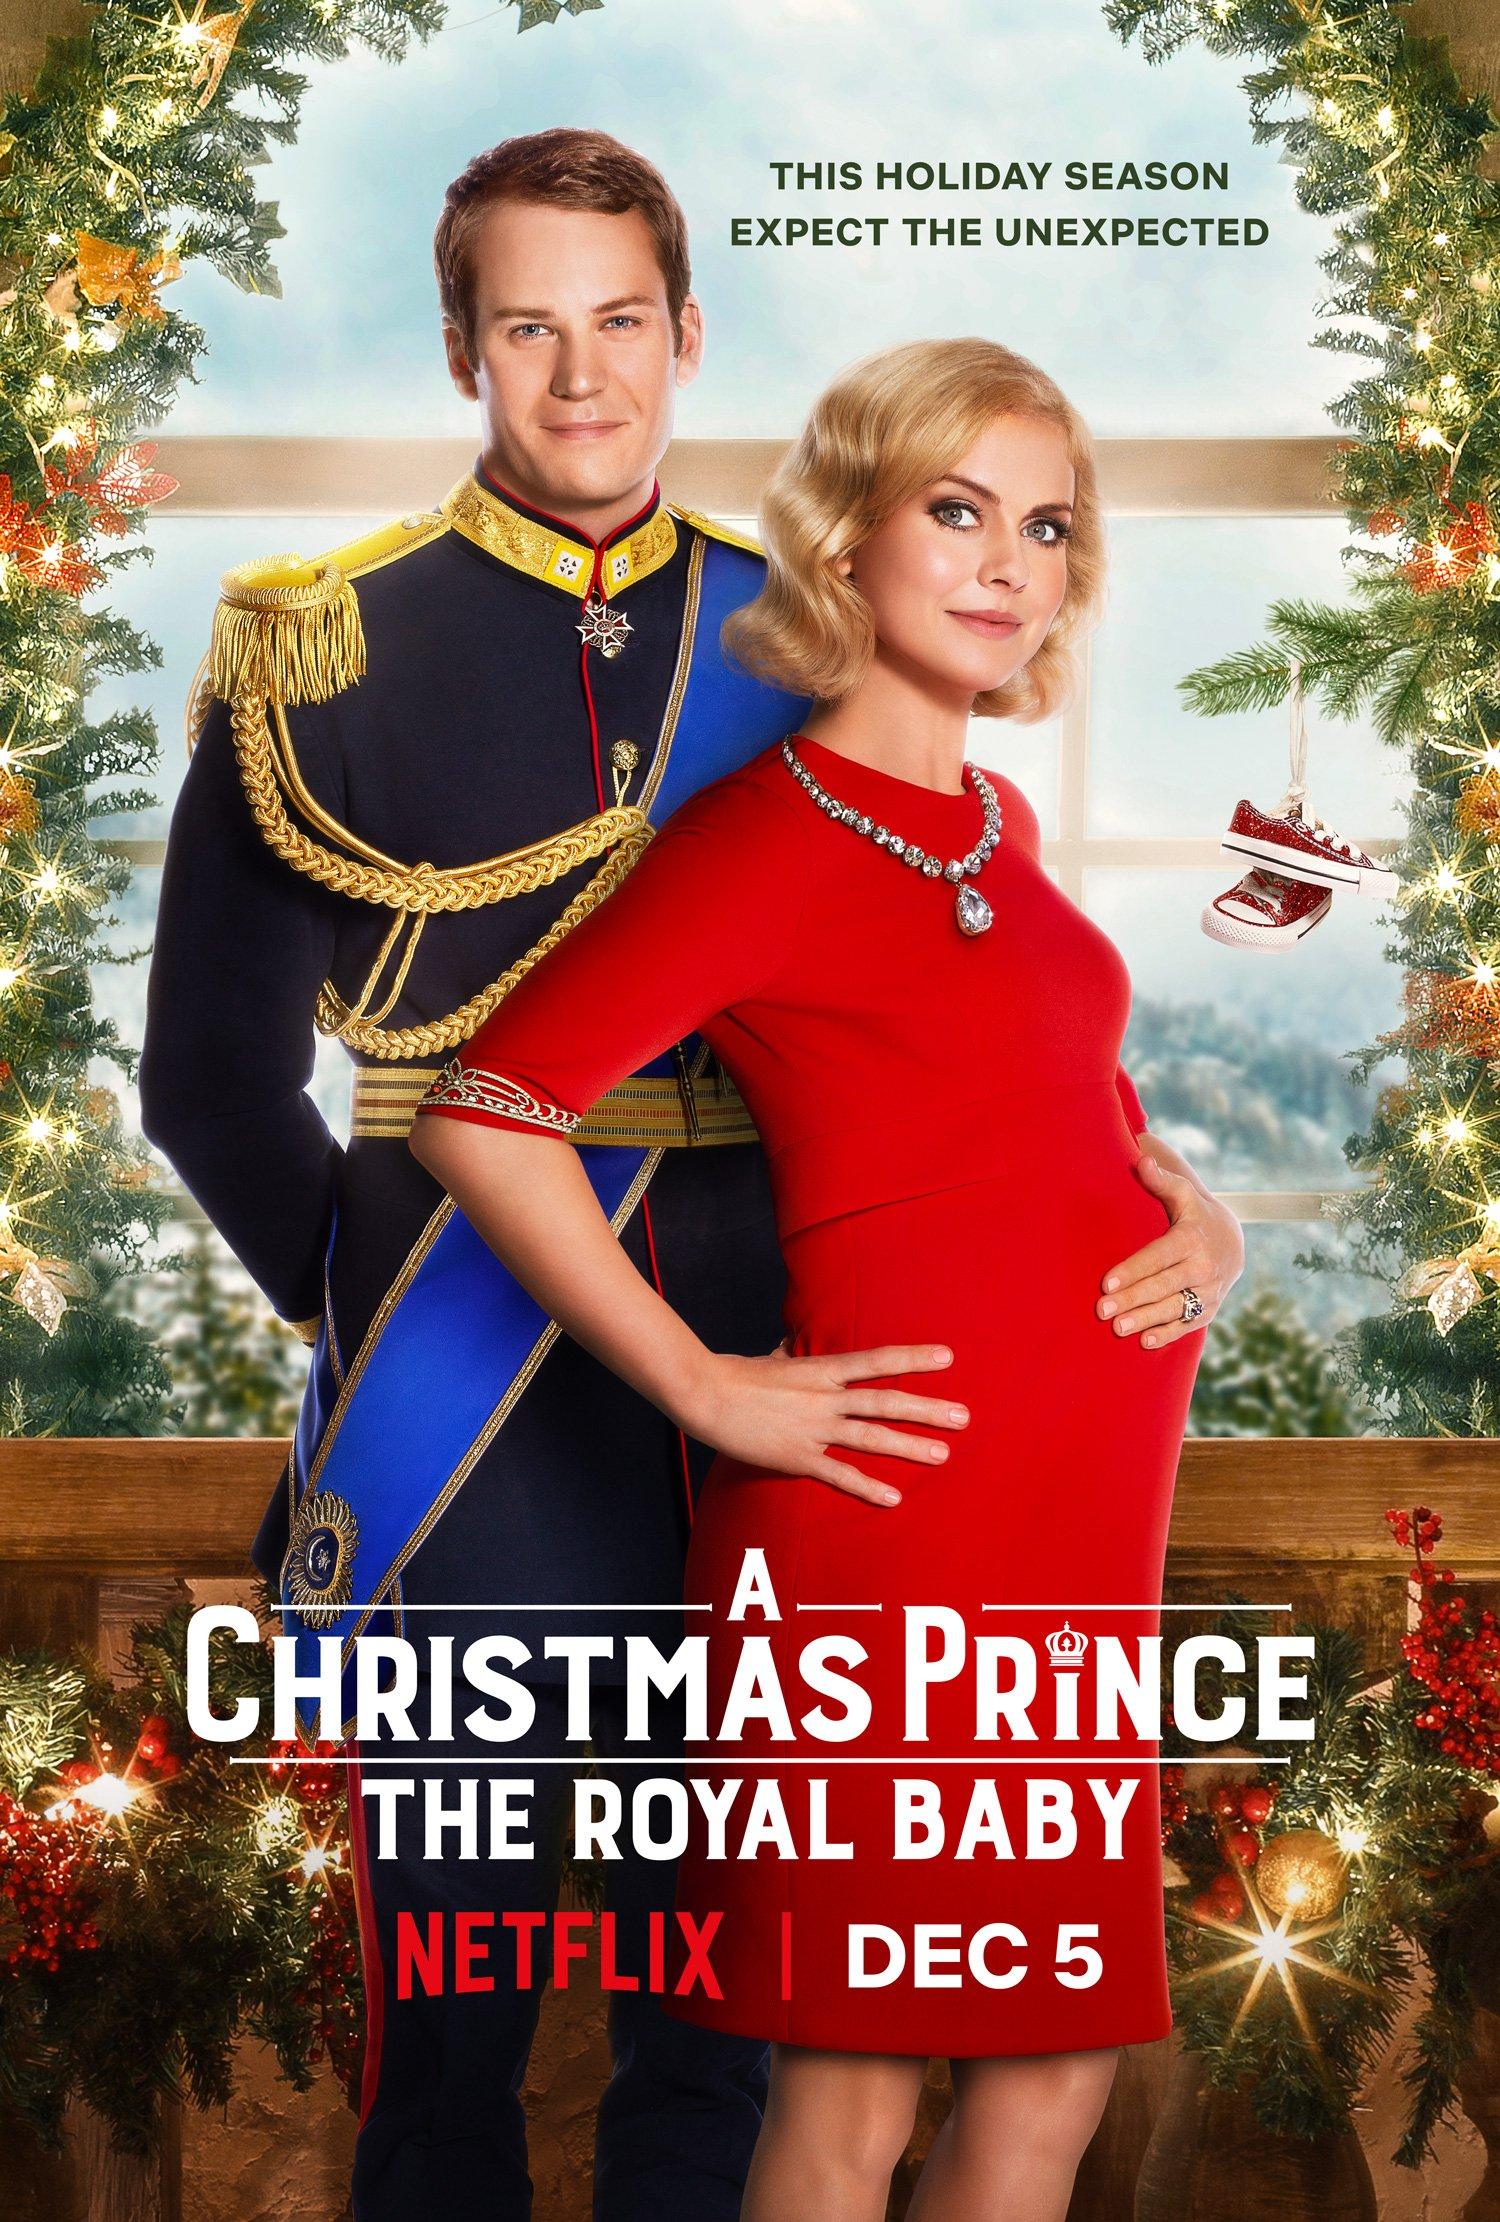 A-Christmas-Prince-The-Royal-Baby-2019-Poster.jpg